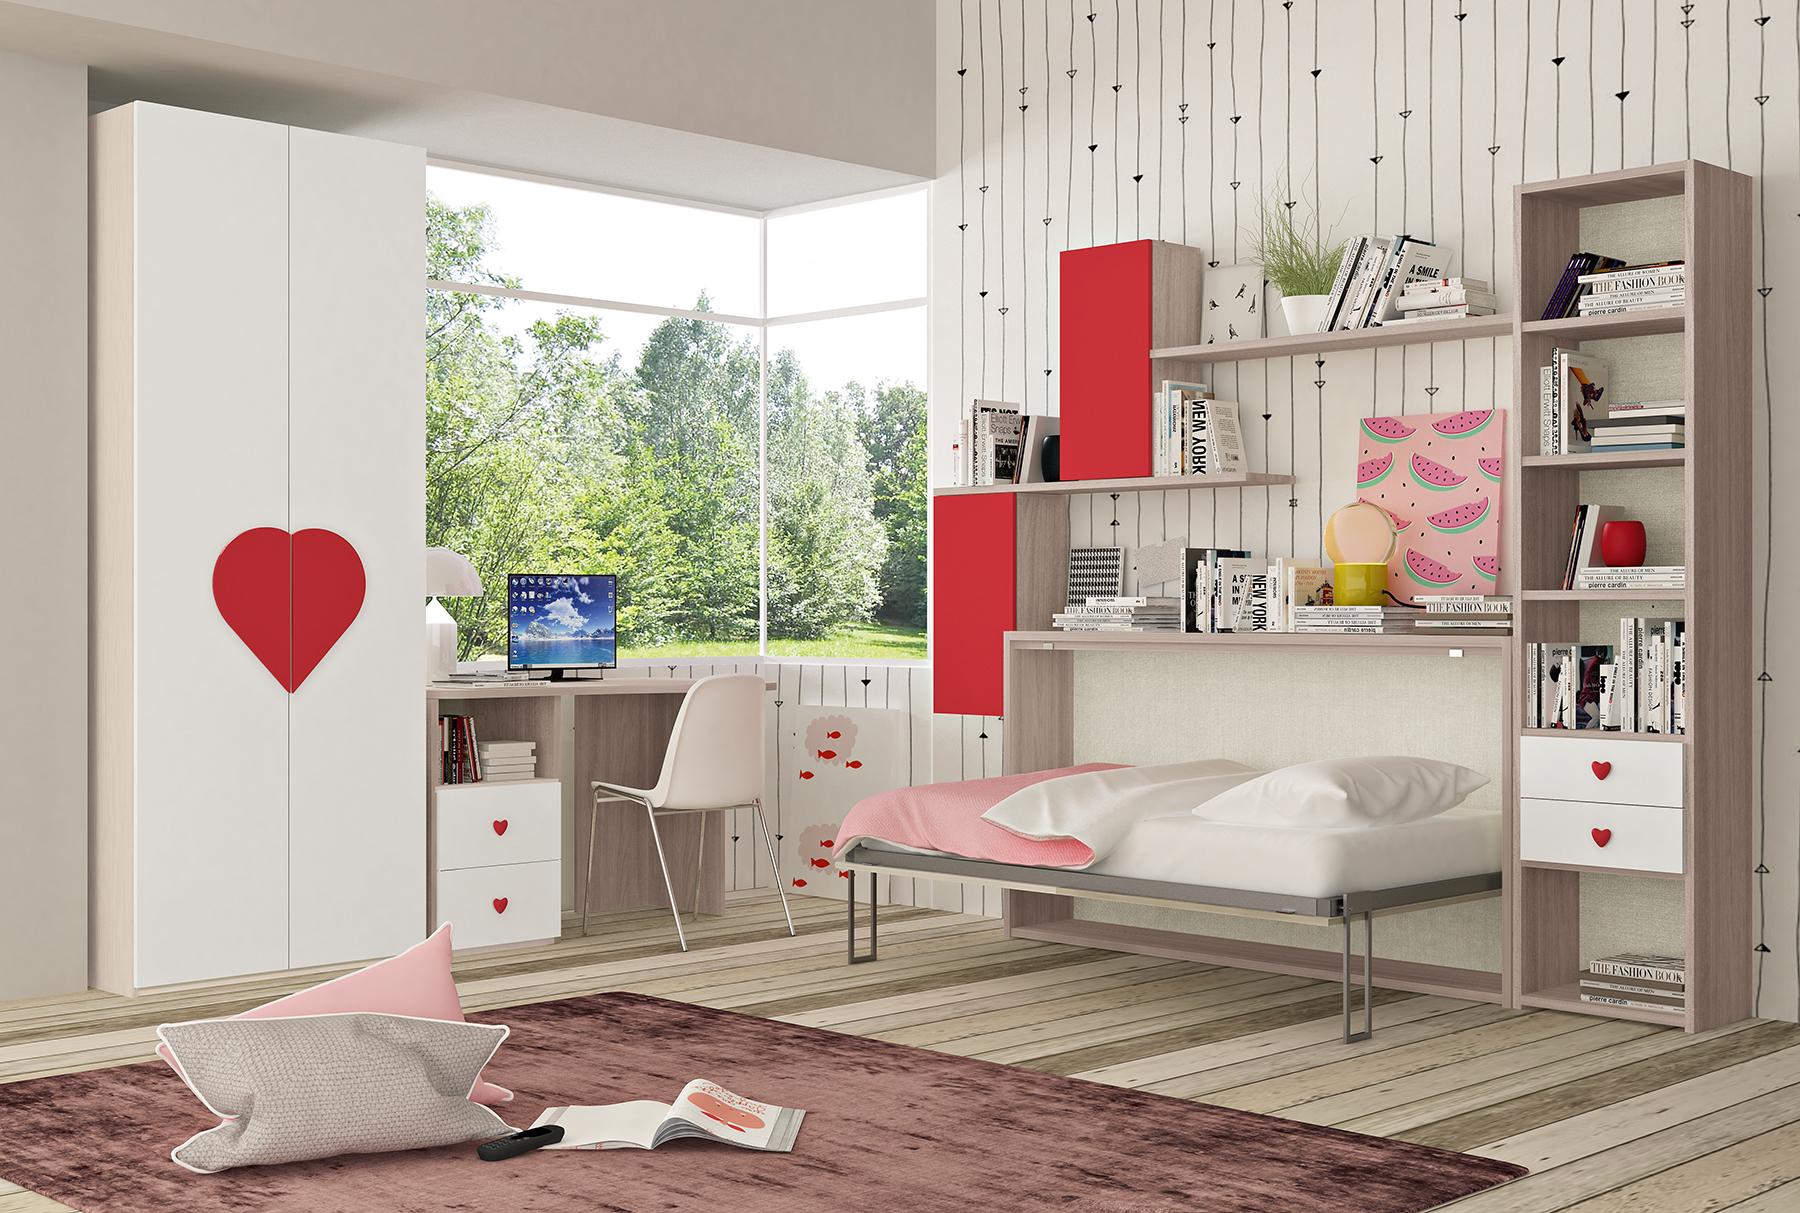 Ikea Planner Camera - camera da letto ikea camere da letto ...